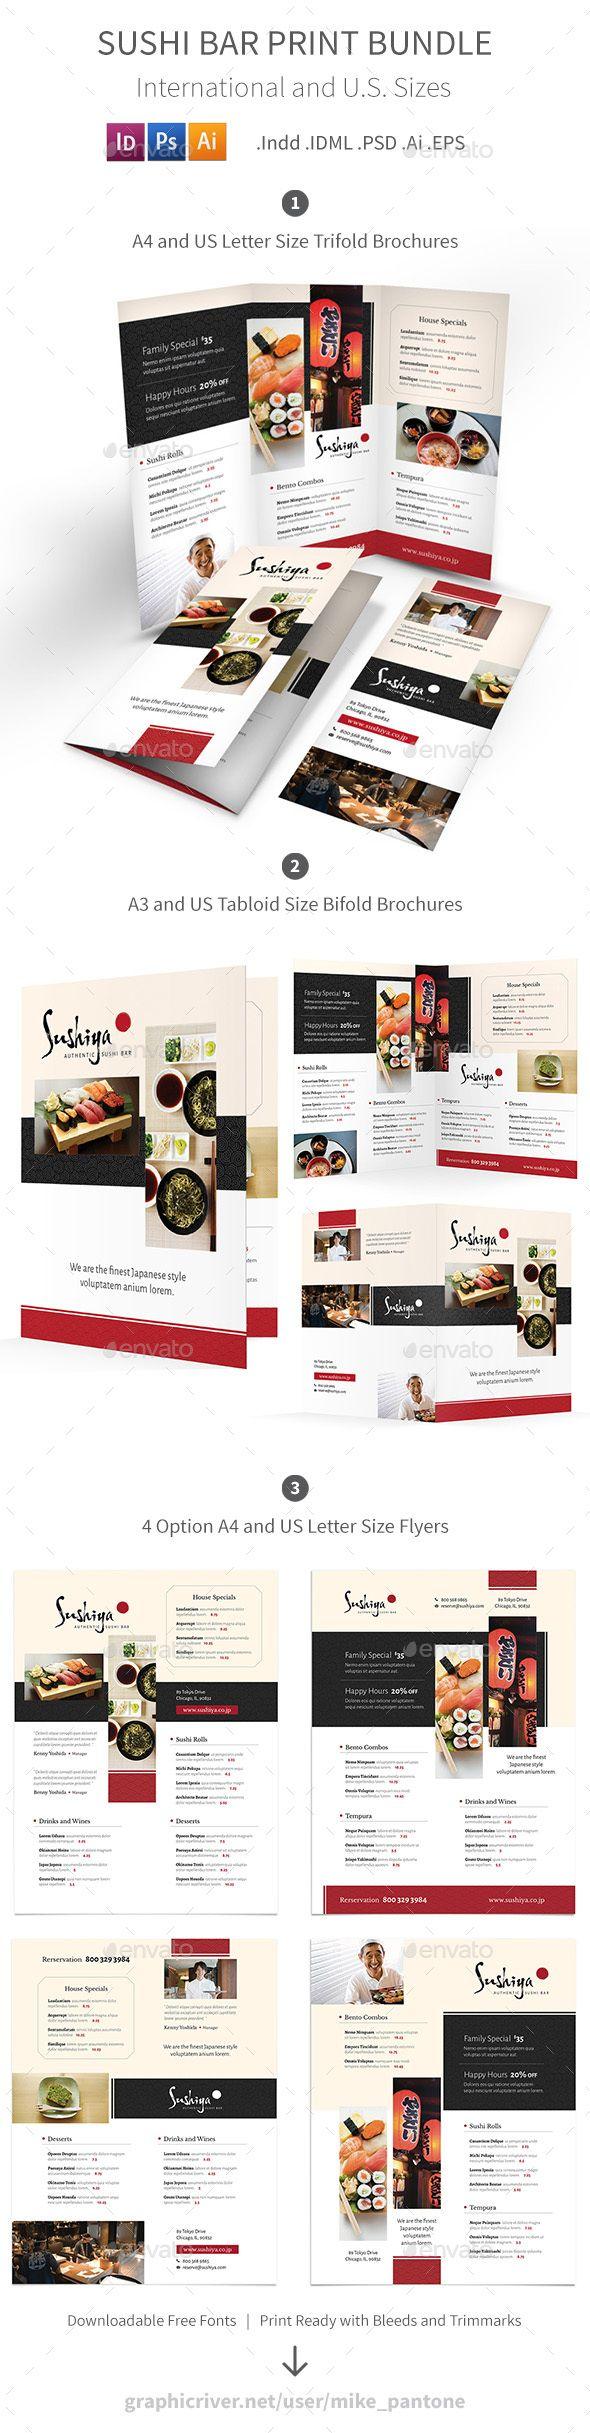 Sushi Bar Menu Print Bundle - Food Menus Print Templates Download here : https://graphicriver.net/item/sushi-bar-menu-print-bundle/19293685?s_rank=66&ref=Al-fatih